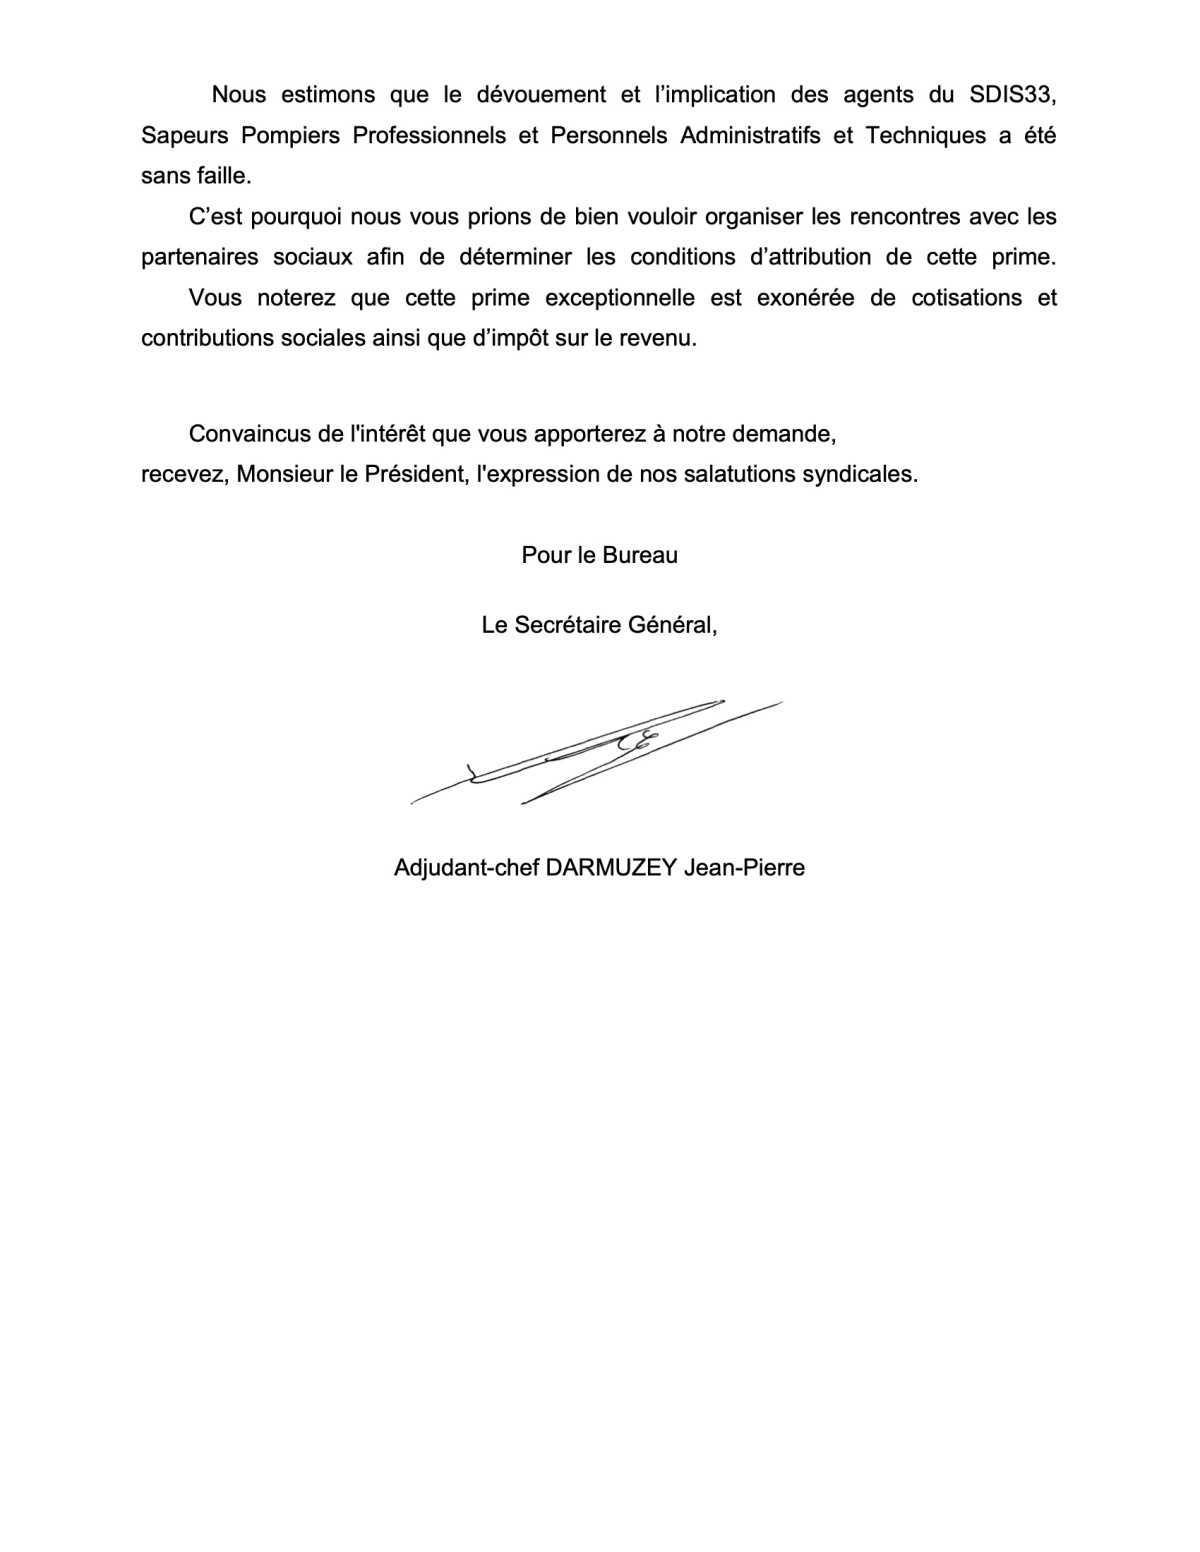 SUD SDIS 33 INTERPELLE LE PRÉSIDENT DU SDIS POUR L'OCTROI DE LA PRIME COVID